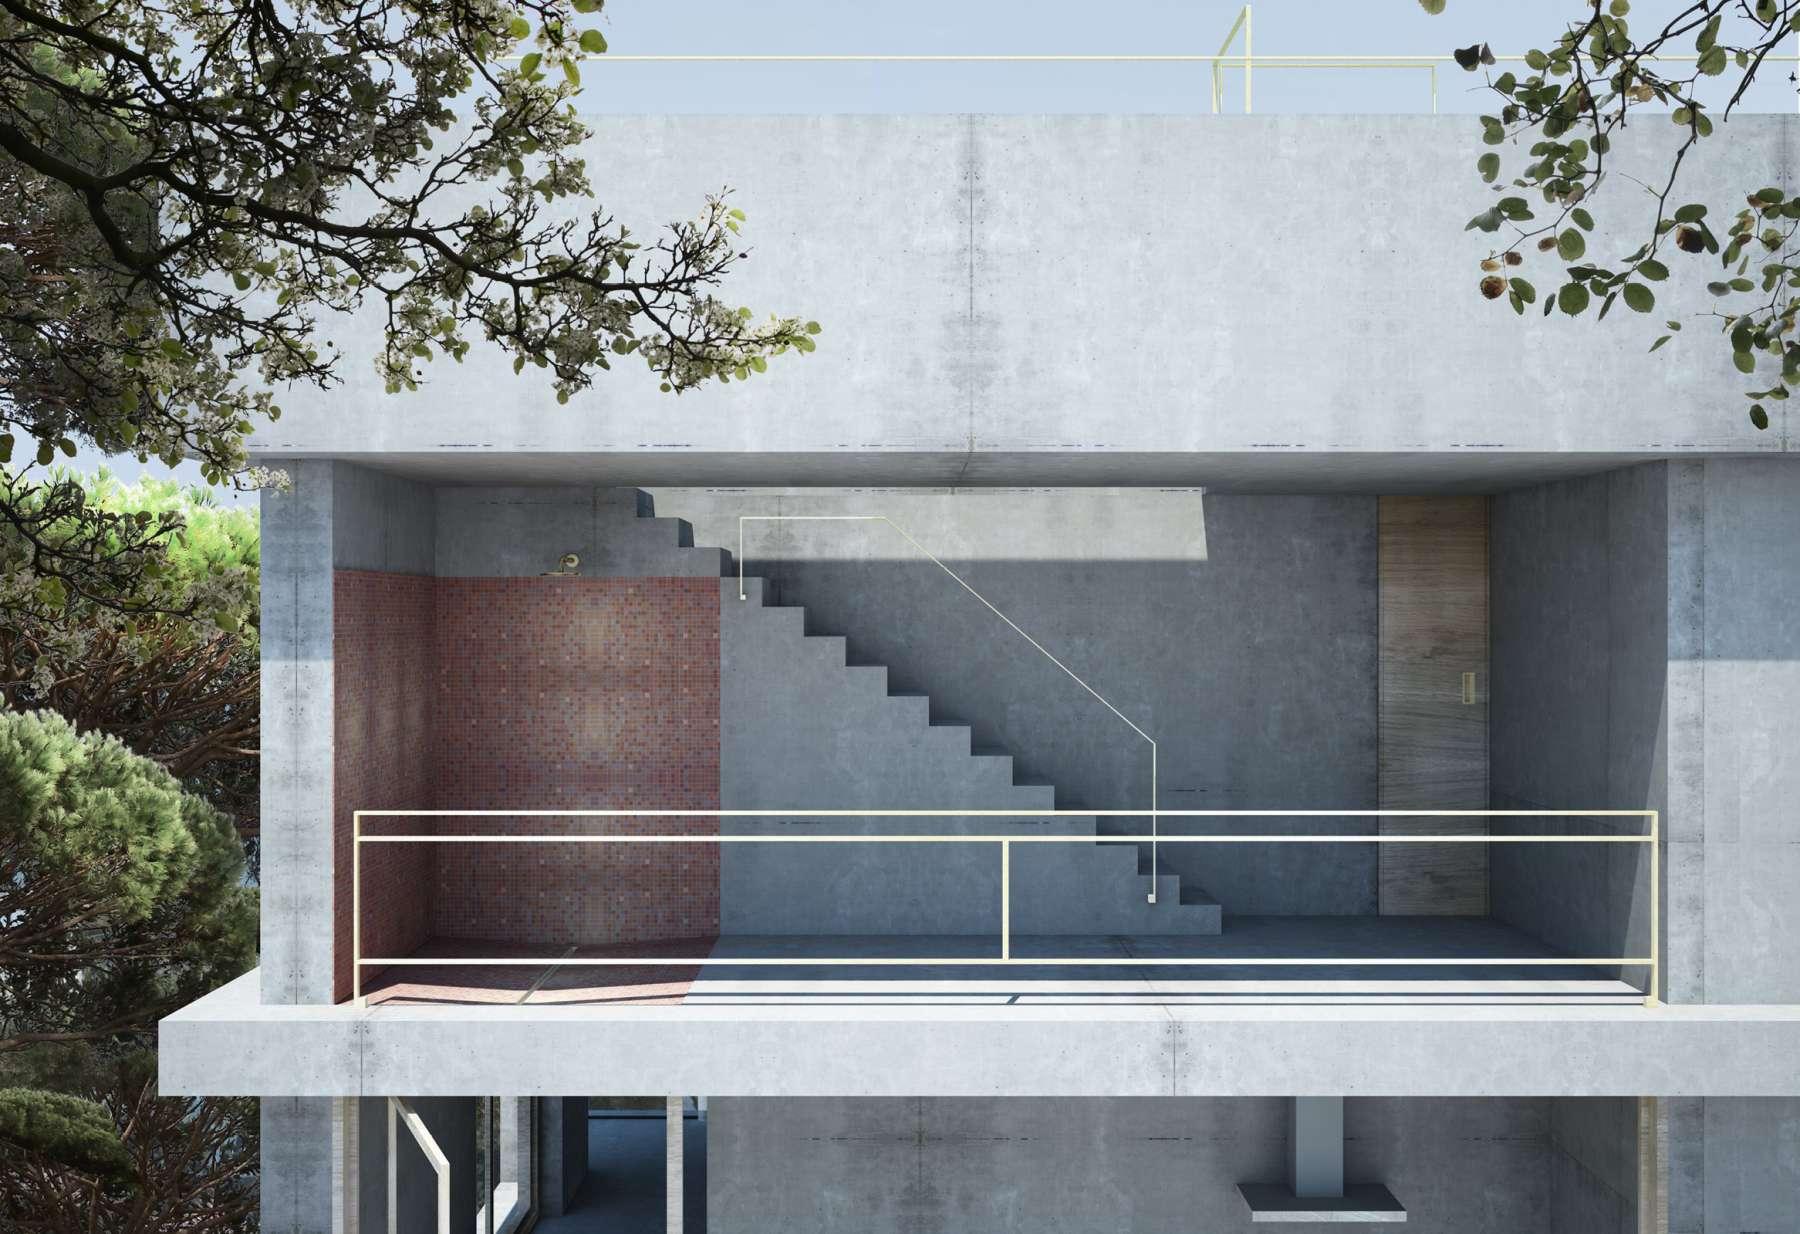 Particules elementaires Architecte La Londe 4